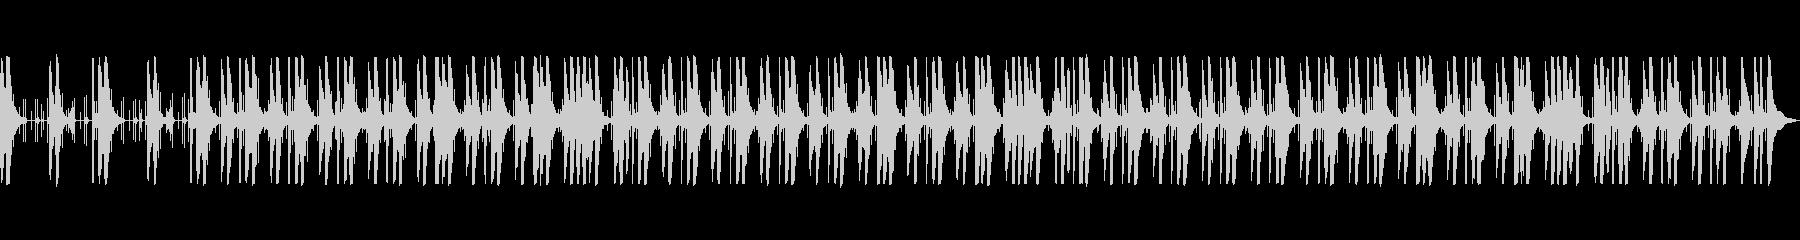 ピチカートを使った日常系オーケストラの未再生の波形